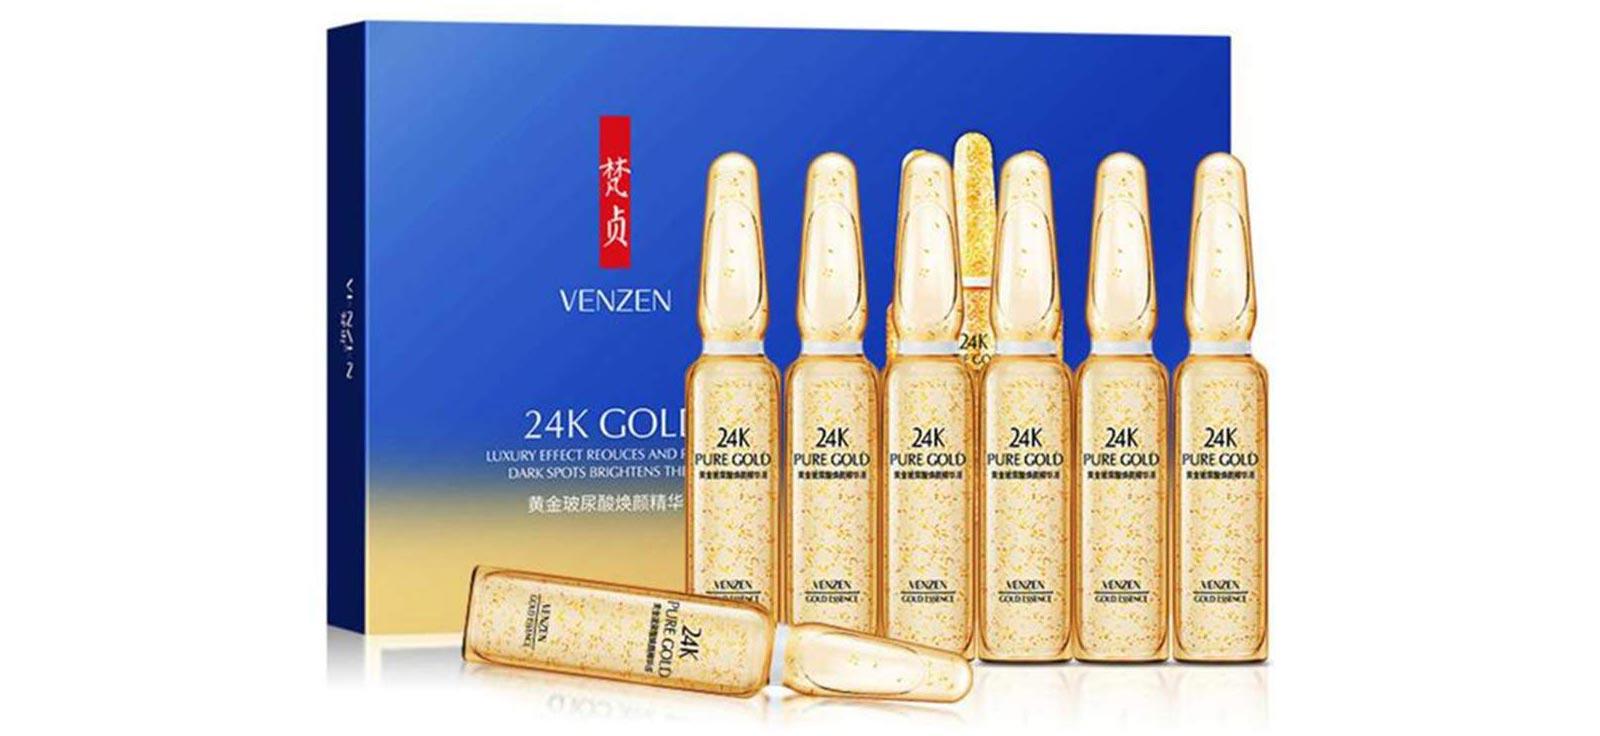 سرم طلا 24 عیار ونزن